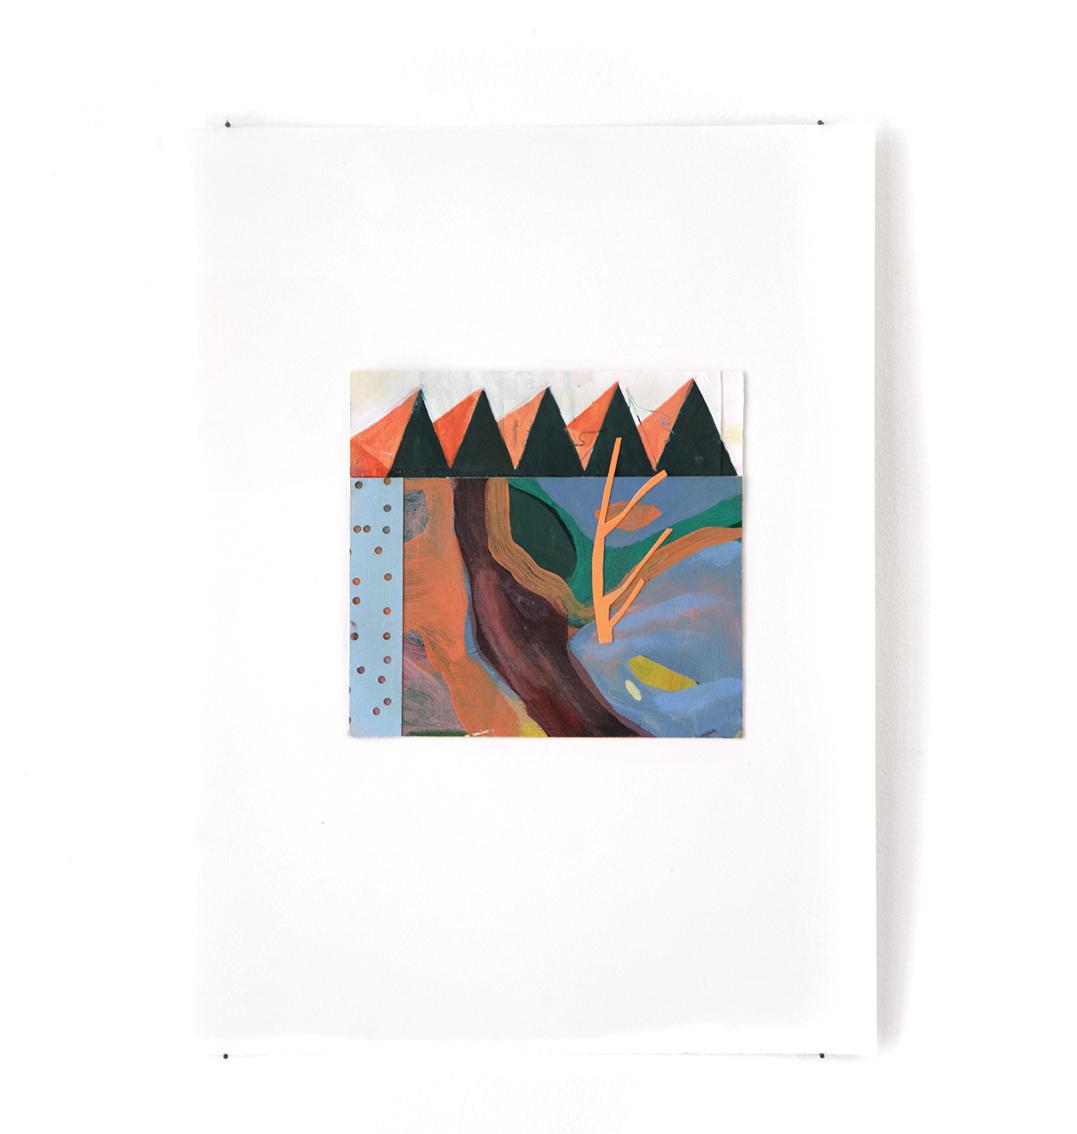 Rivière - Peinture acrylique sur carton - 33 x 44 cm - 2016